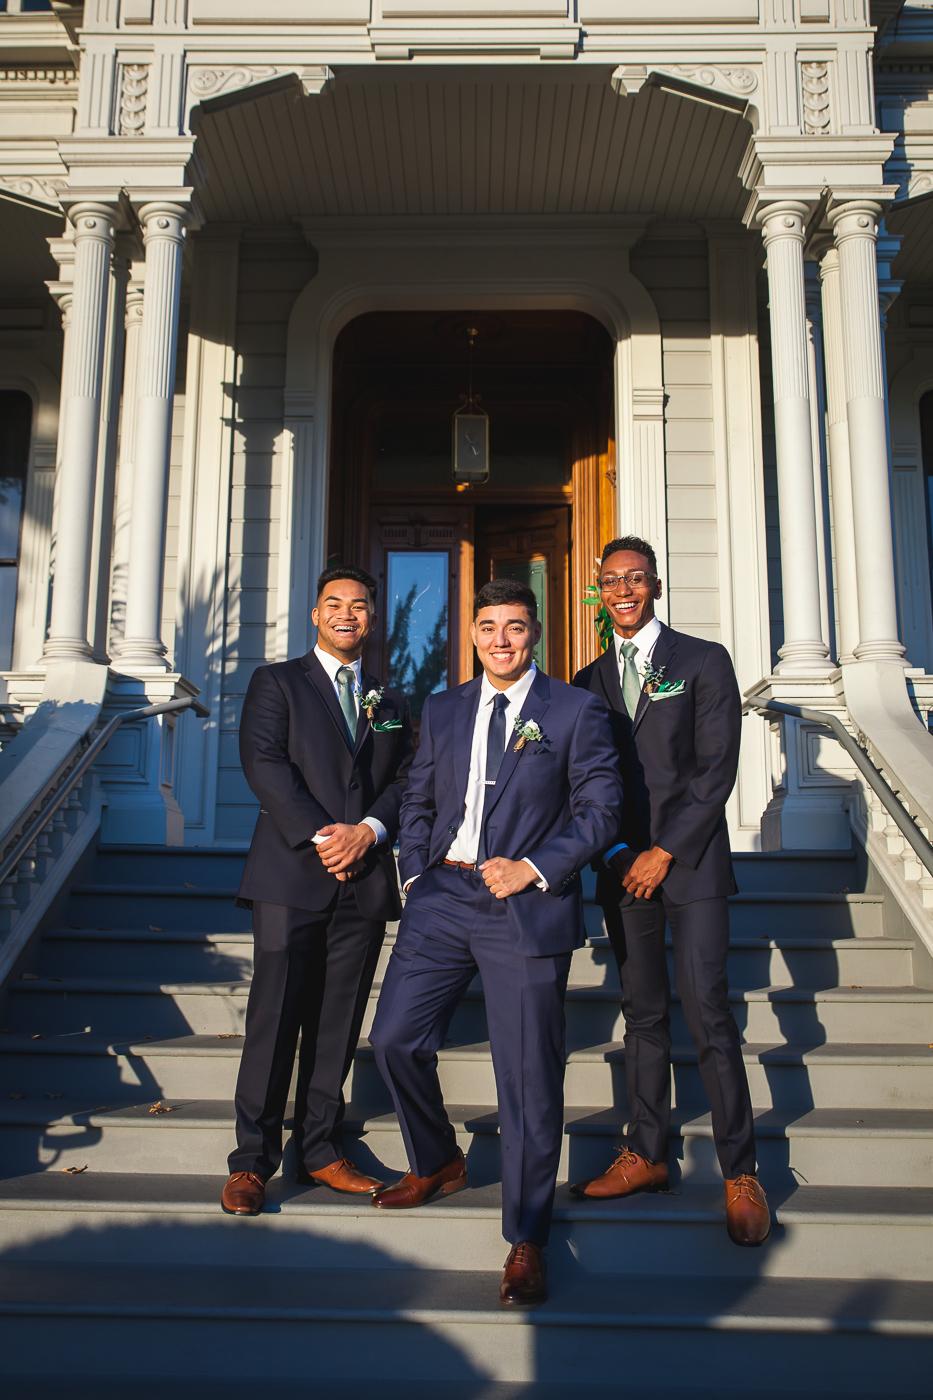 mchenry mansion 2018